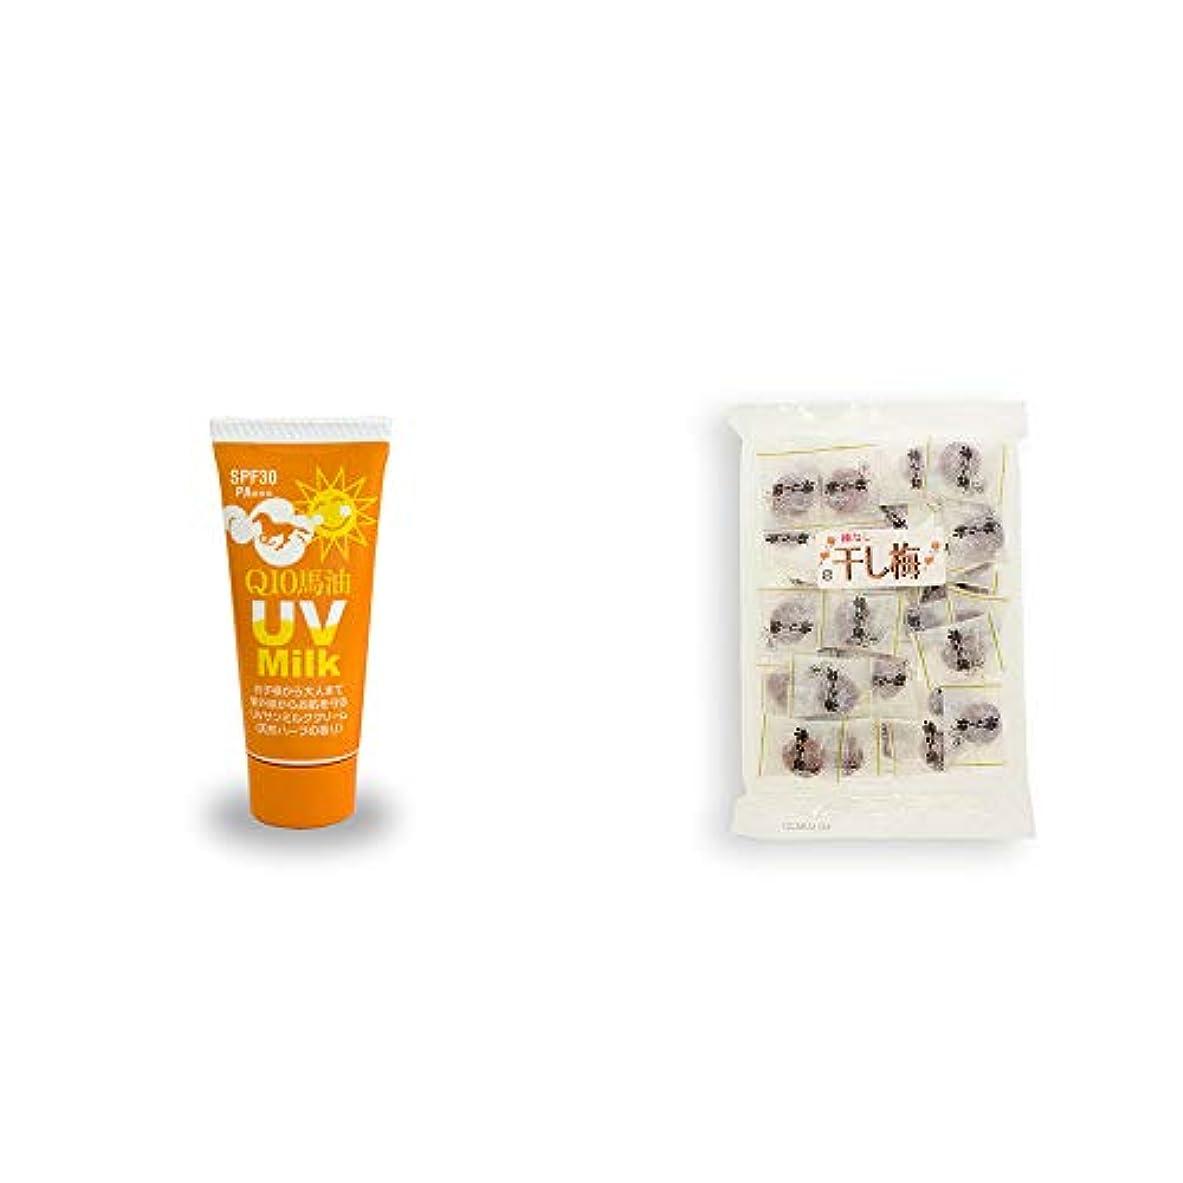 鎮痛剤宝石分割[2点セット] 炭黒泉 Q10馬油 UVサンミルク[天然ハーブ](40g)?種なし干し梅(160g)[個包装]